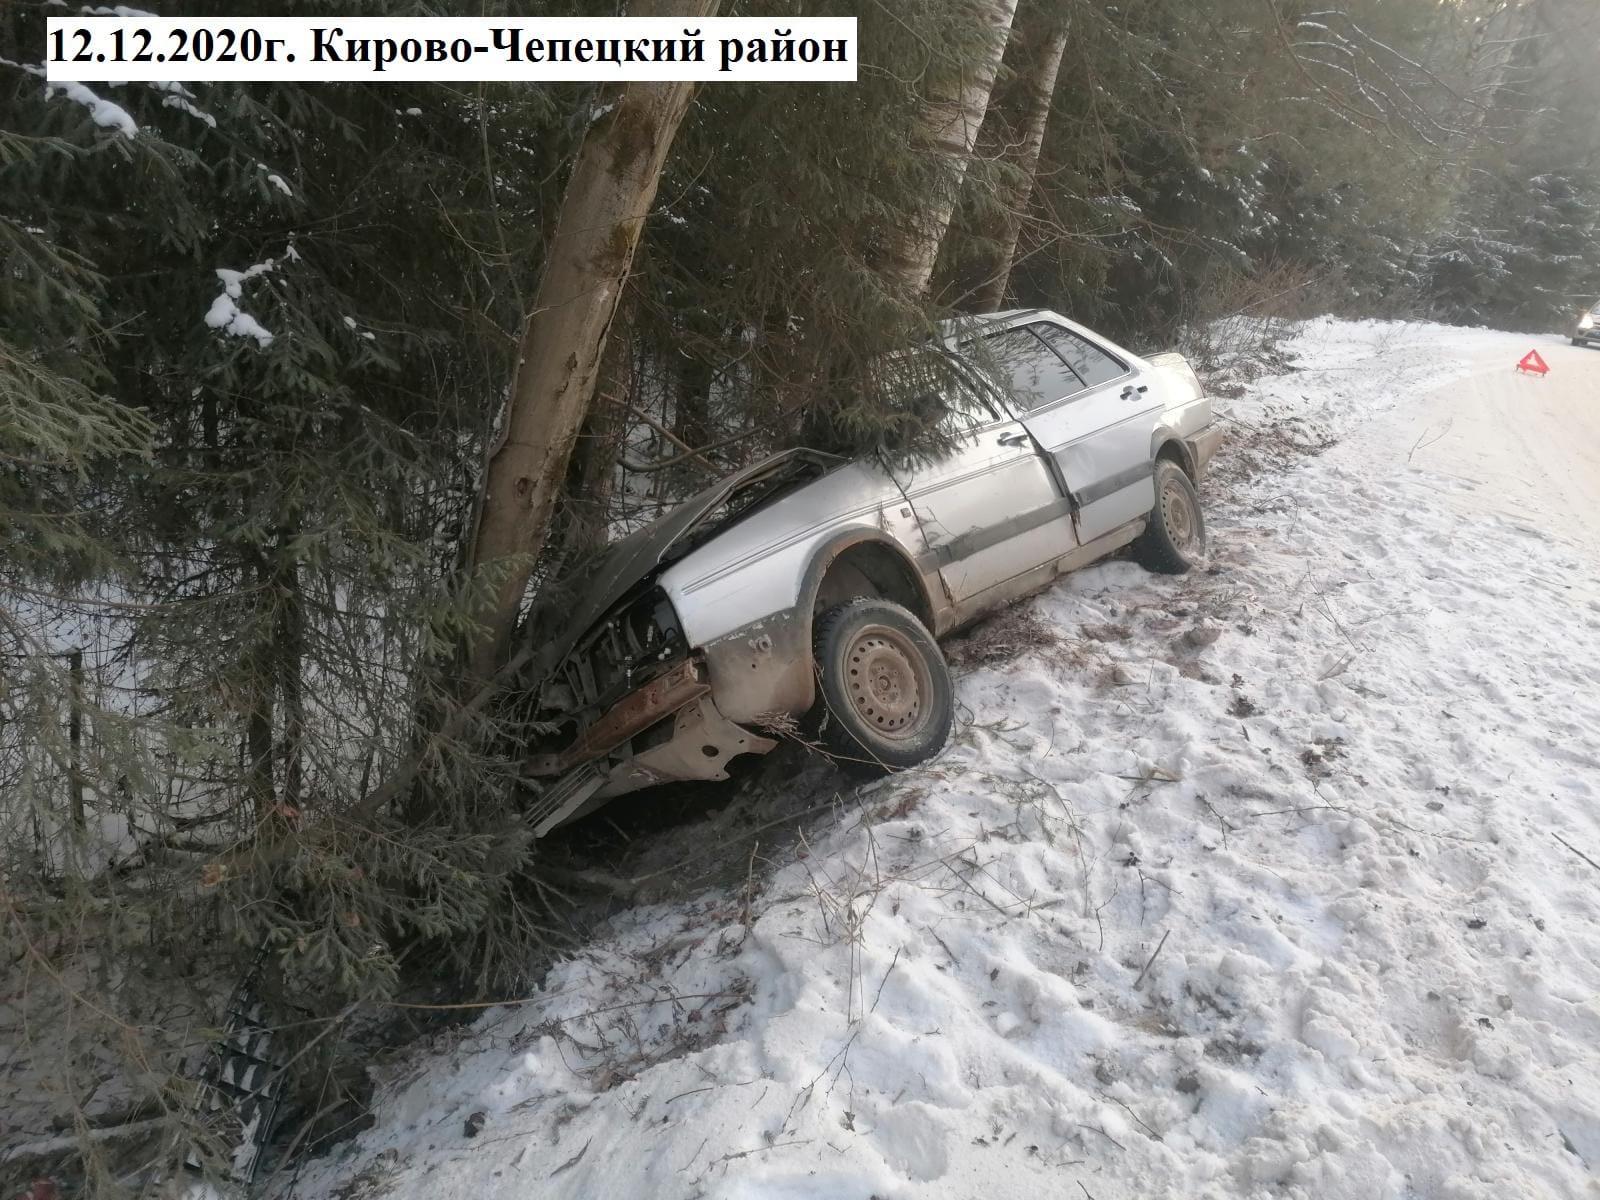 Утром в Кирово-Чепецке иномарка въехала в дерево